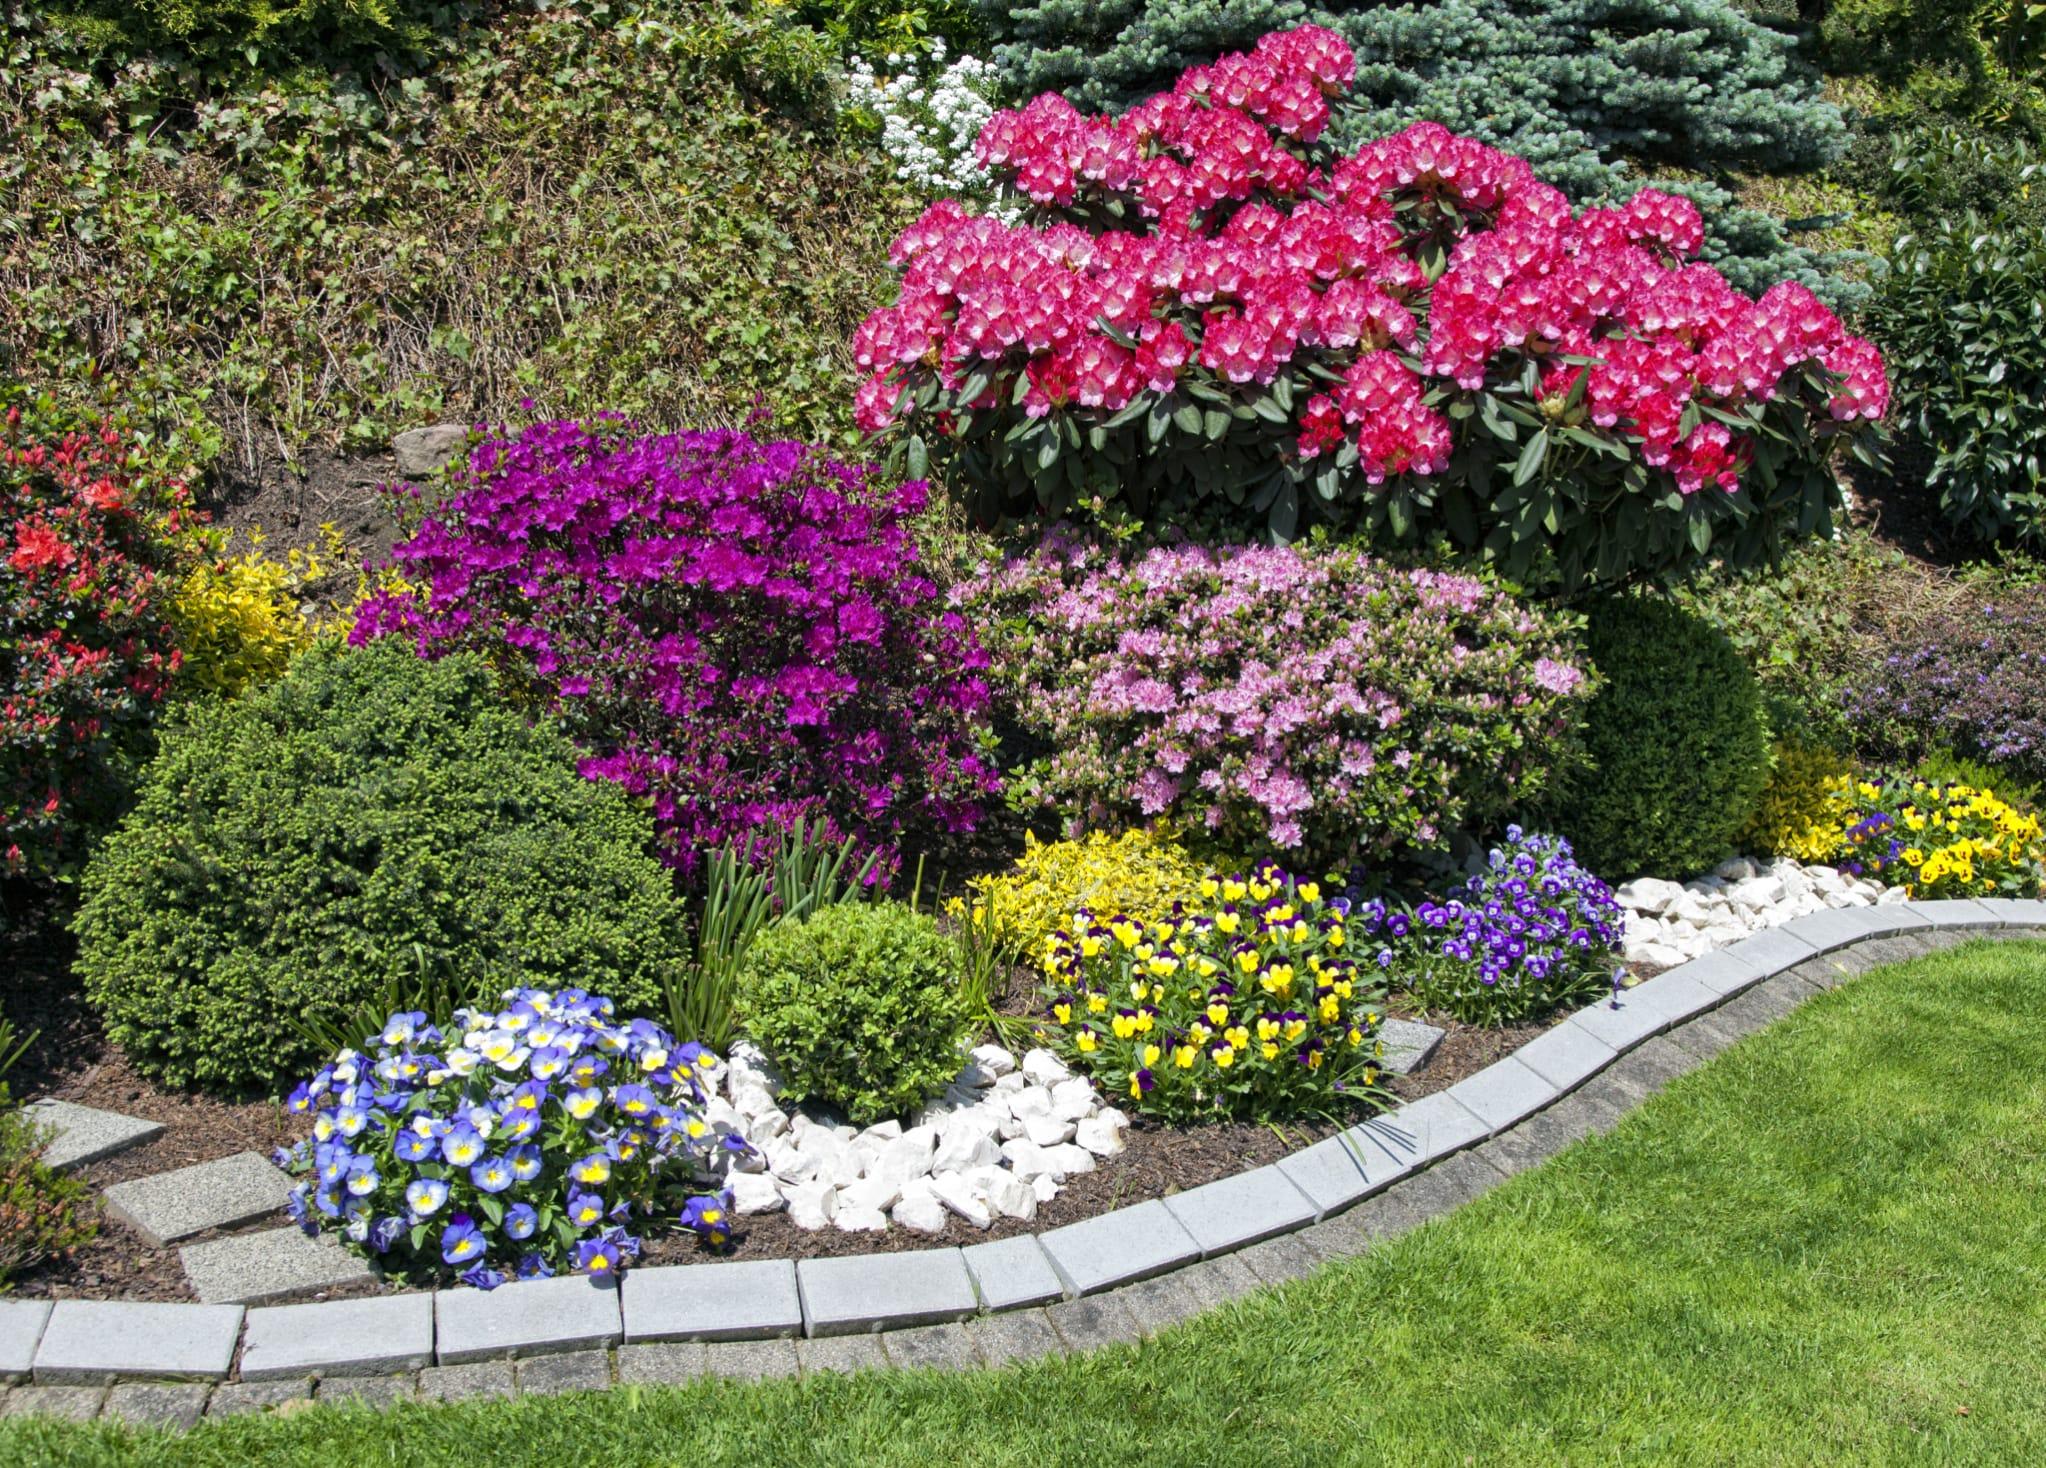 Piccoli Alberi Da Giardino giardino ecosostenibile e contro gli sprechi: 5 consigli